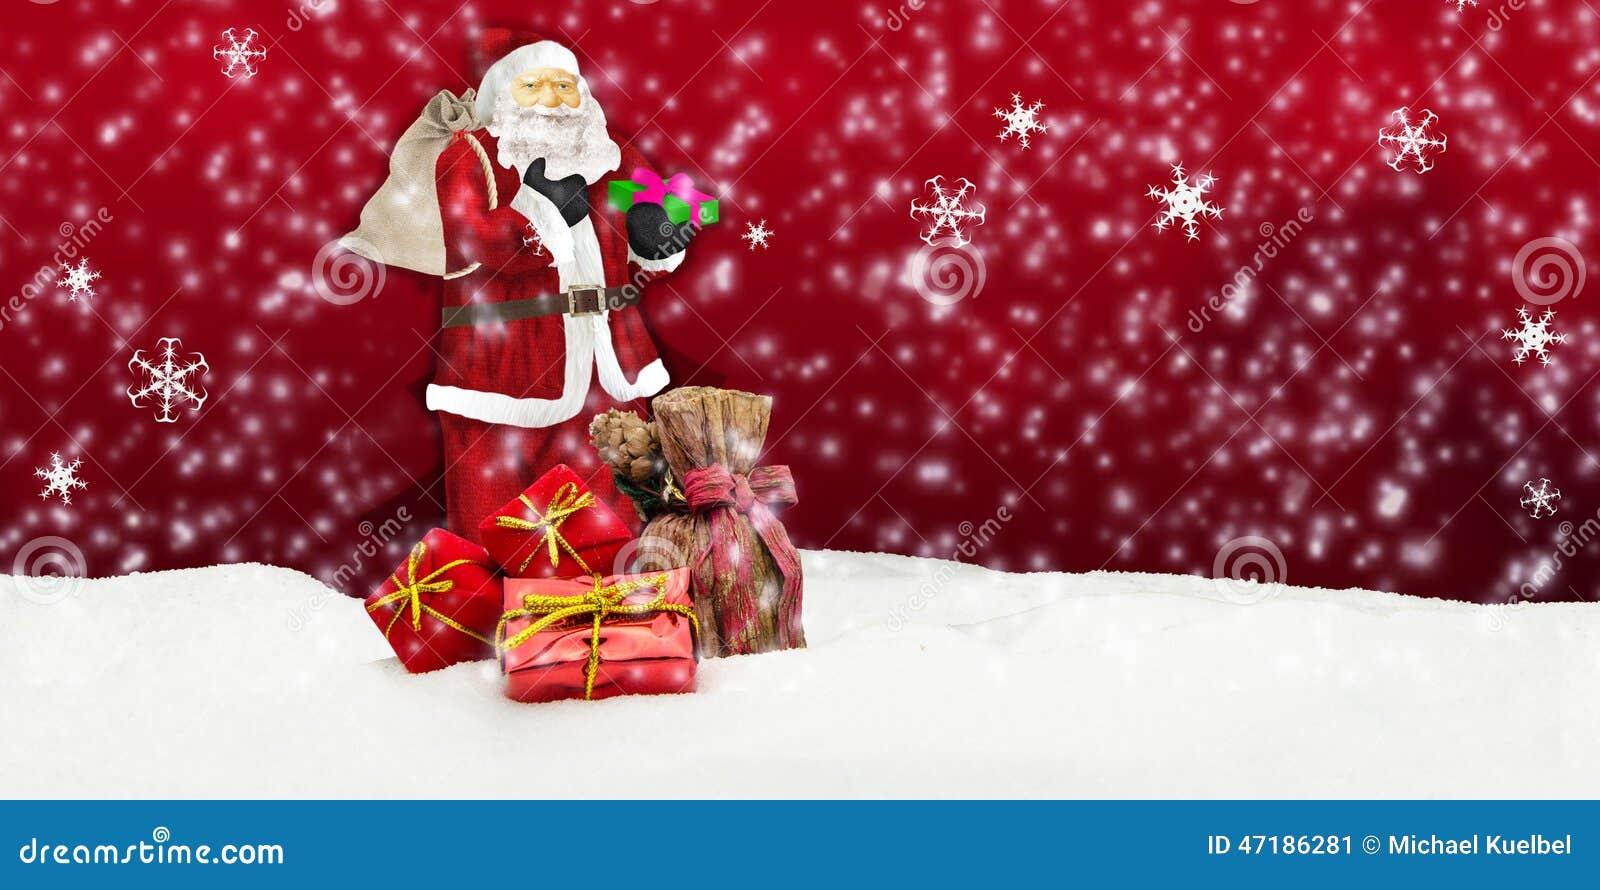 Papá Noel - Feliz Navidad